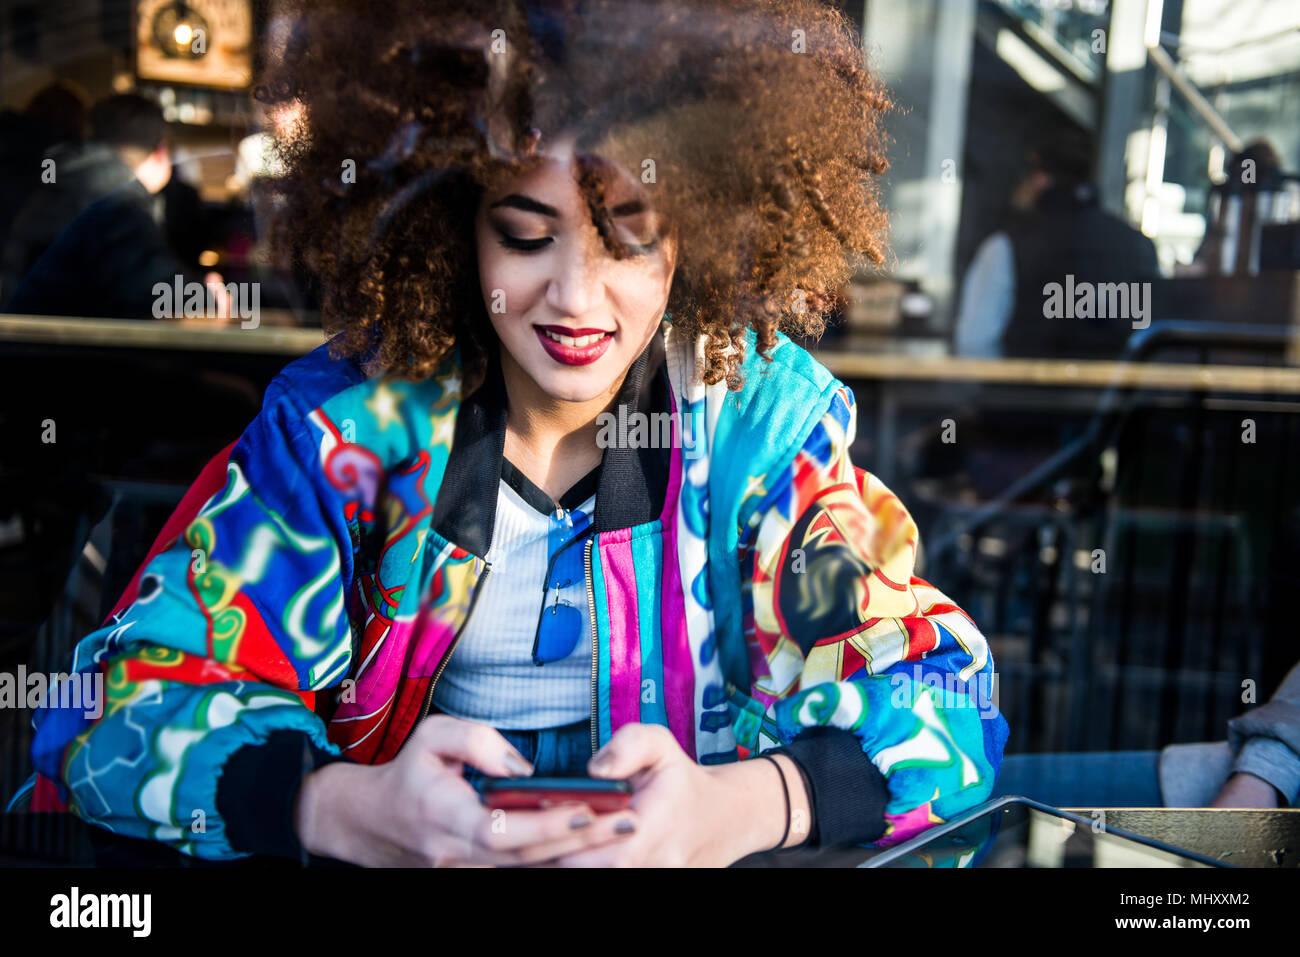 Junges Mädchen sitzen in bar, mittels Smartphone, Blick durch Fenster, London, England, Großbritannien Stockbild